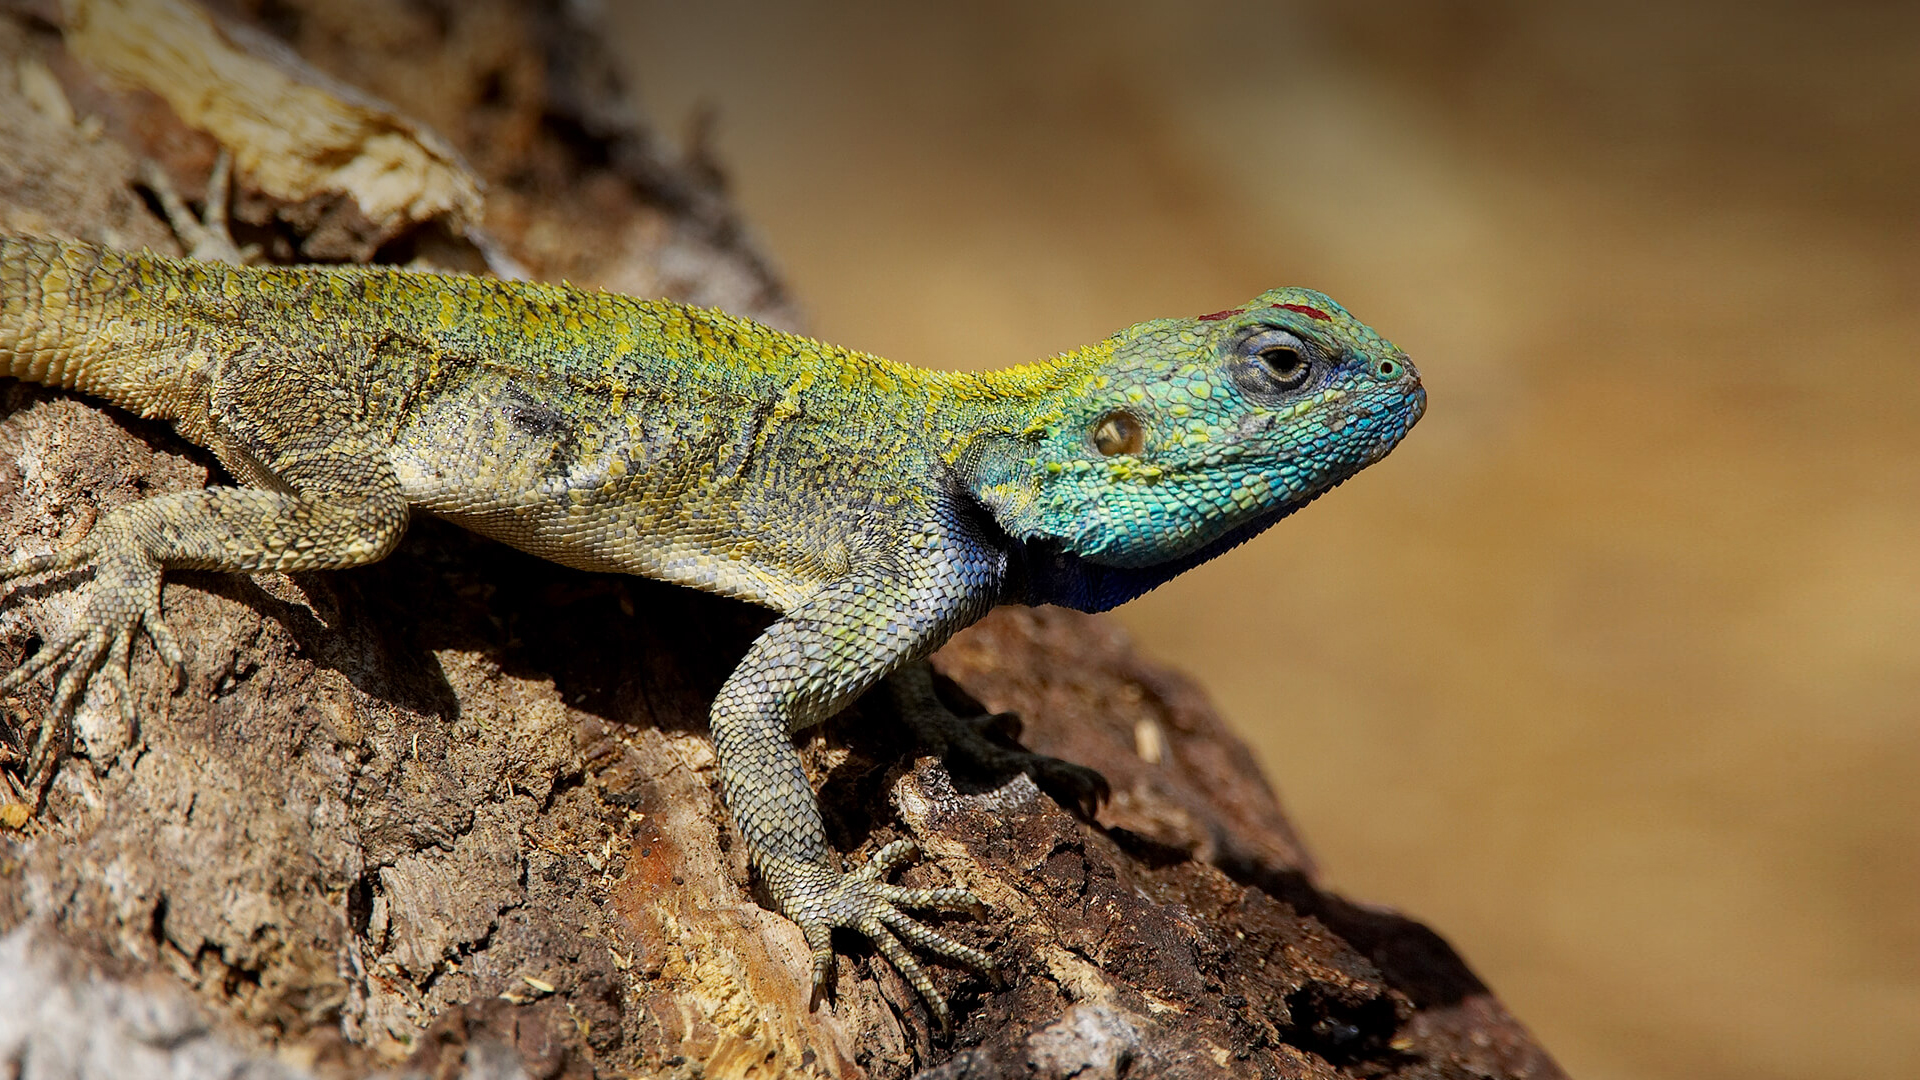 Lizard Pictures